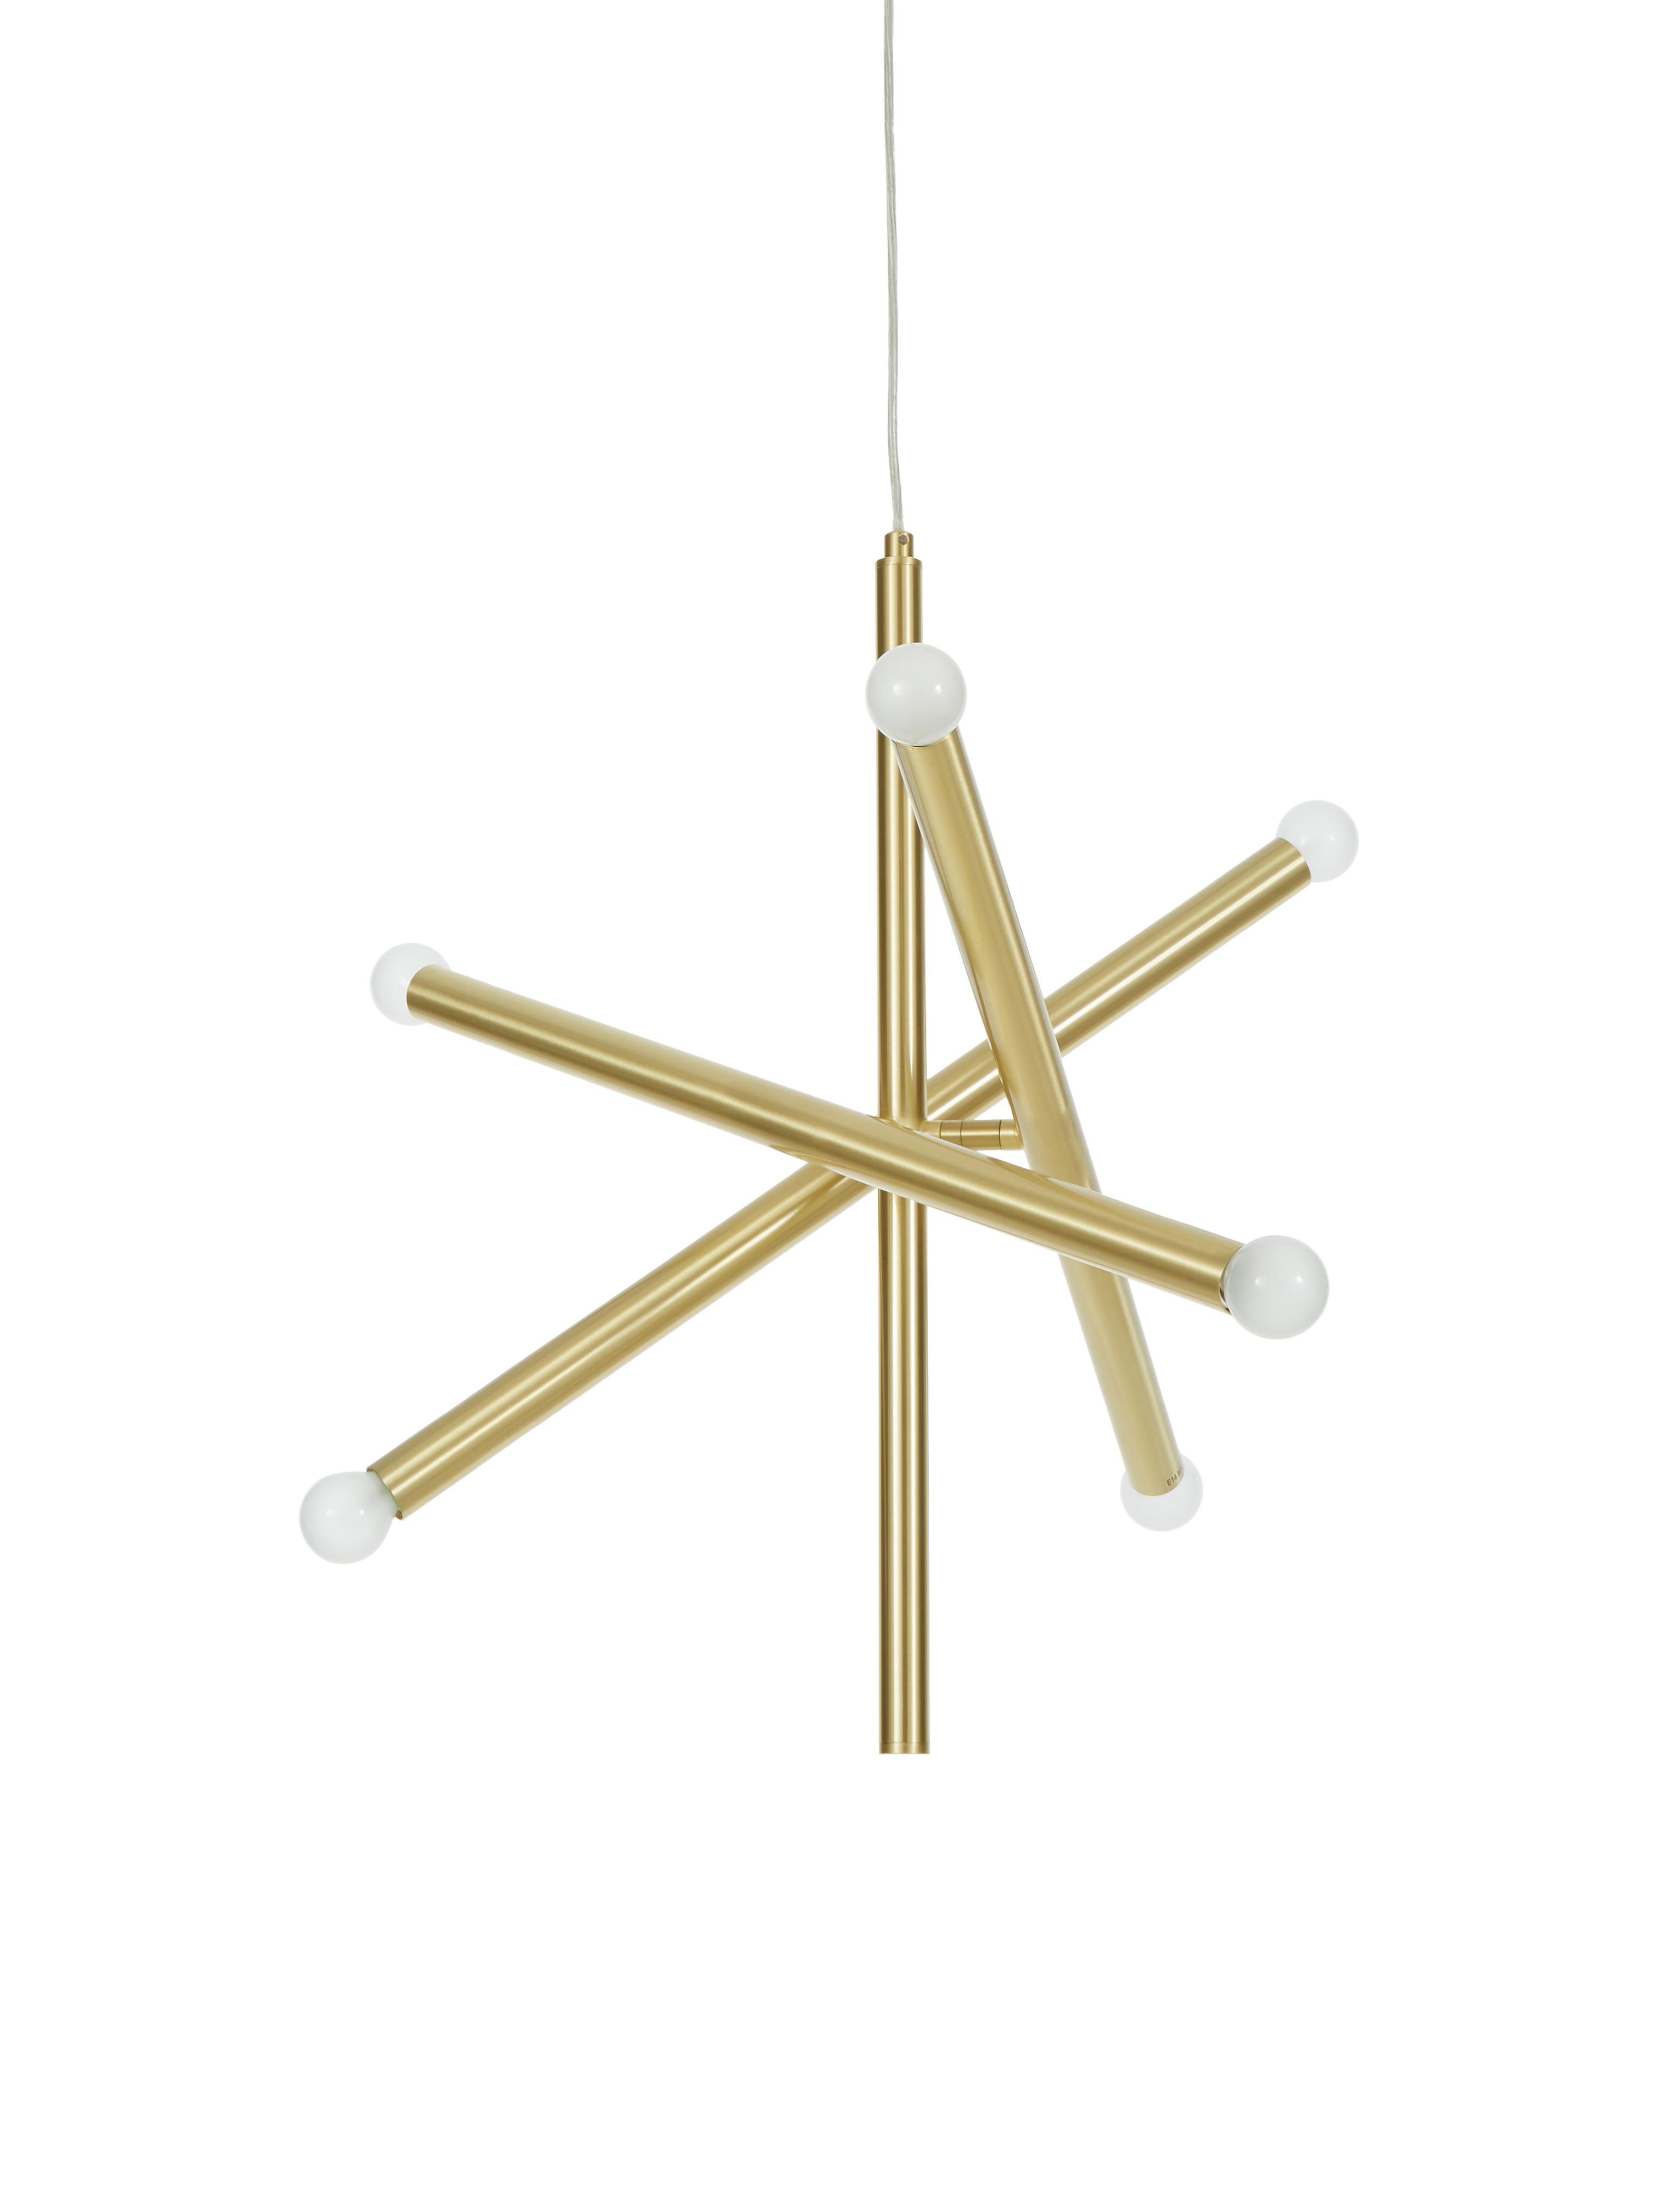 Lampada a sospensione Sticks, Baldacchino: metallo spazzolato, Ottonato, Larg. 60 cm